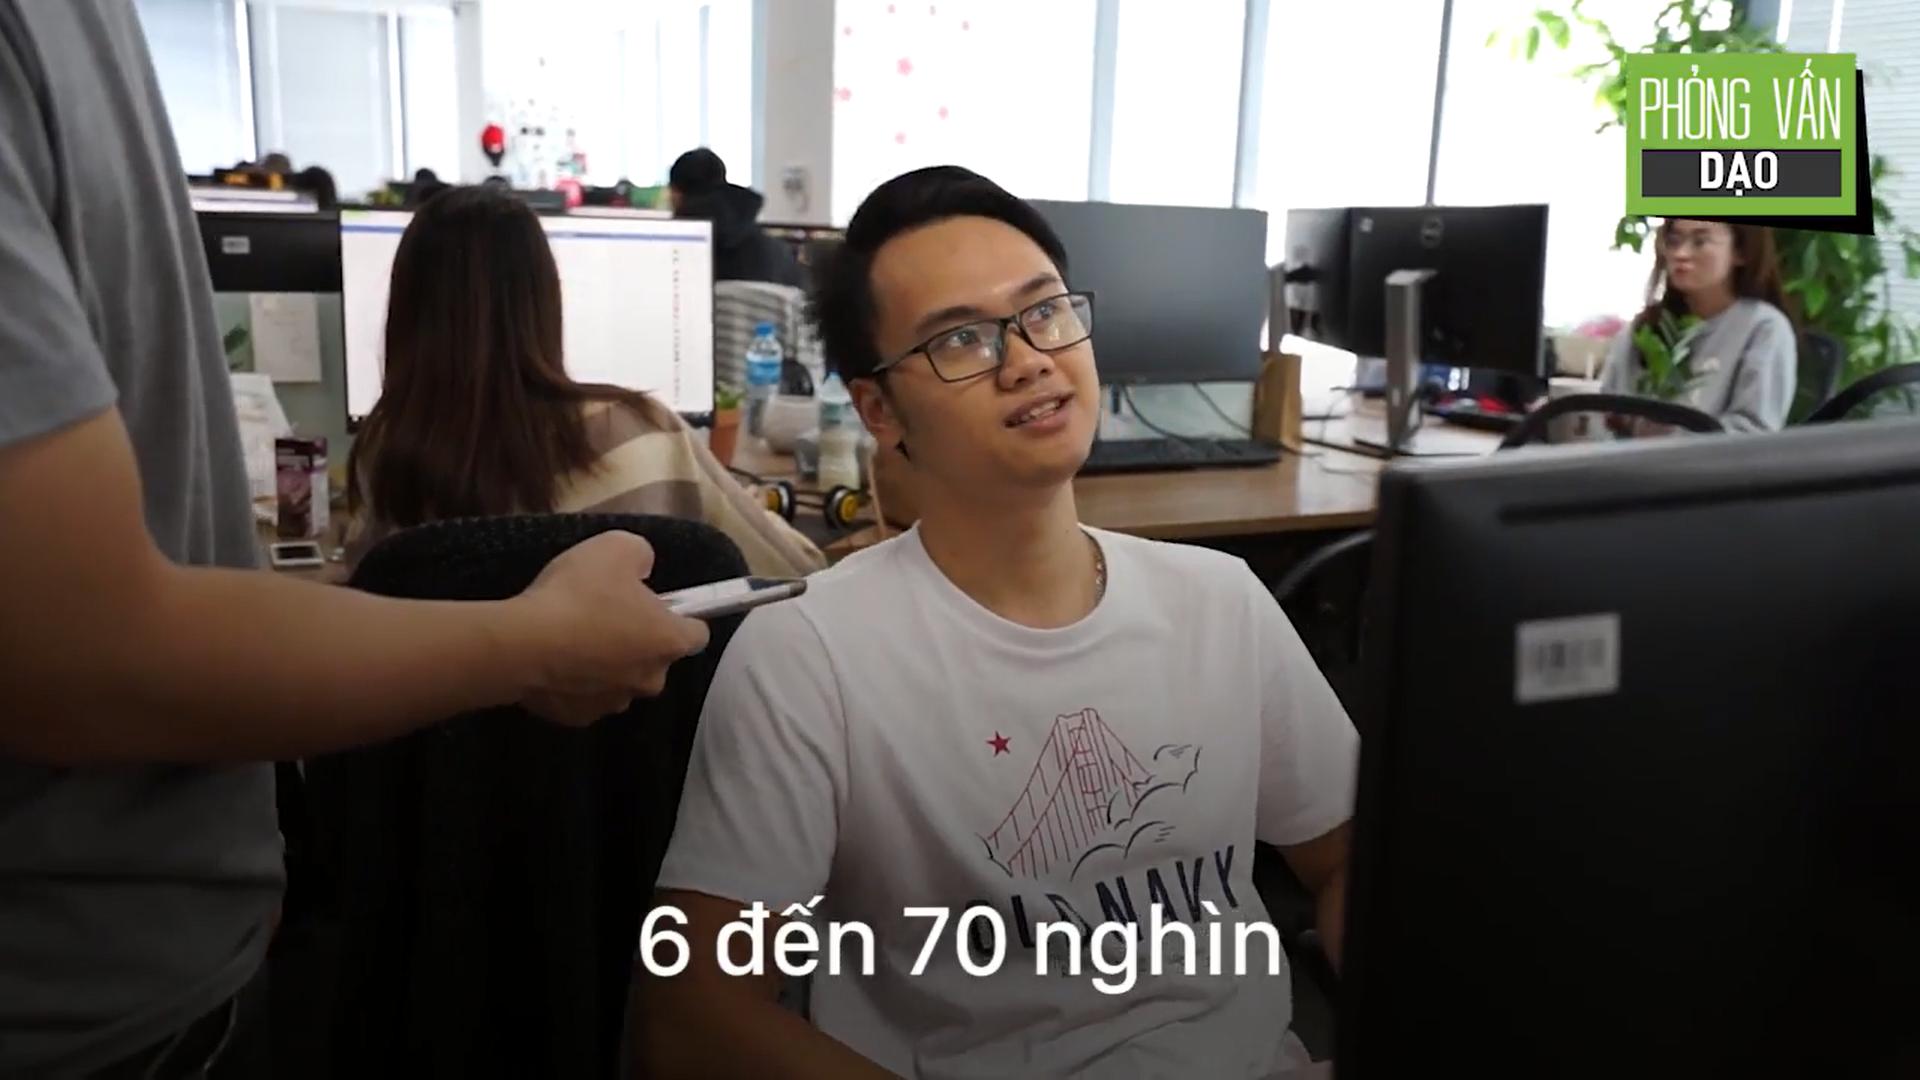 Phỏng vấn dạo: Đối với bạn, trà sữa có ý nghĩa như thế nào? - Ảnh 16.